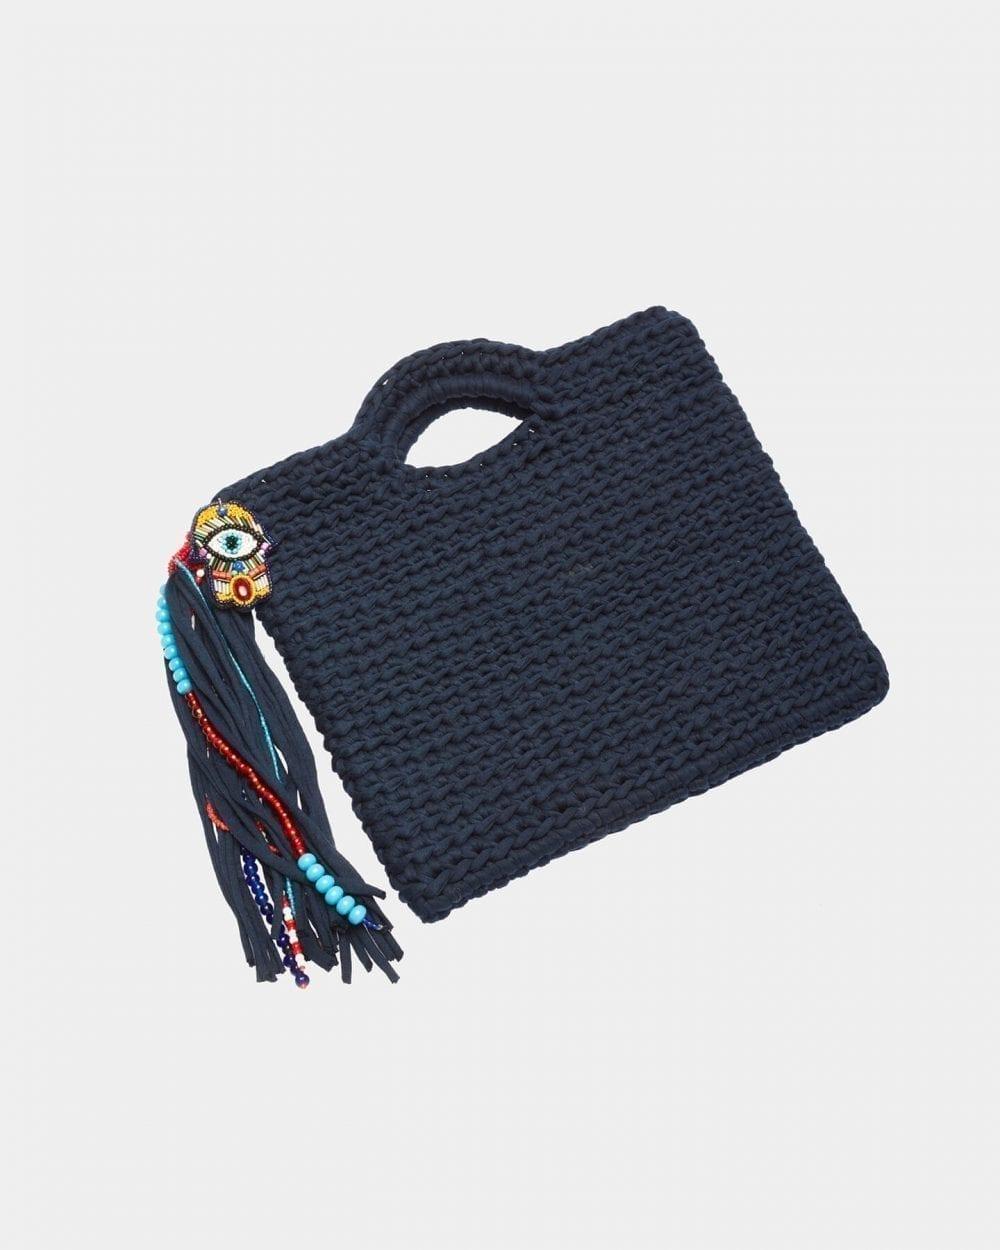 Collette Dark Blue handbag by ALLBYB Design, Philadelphia